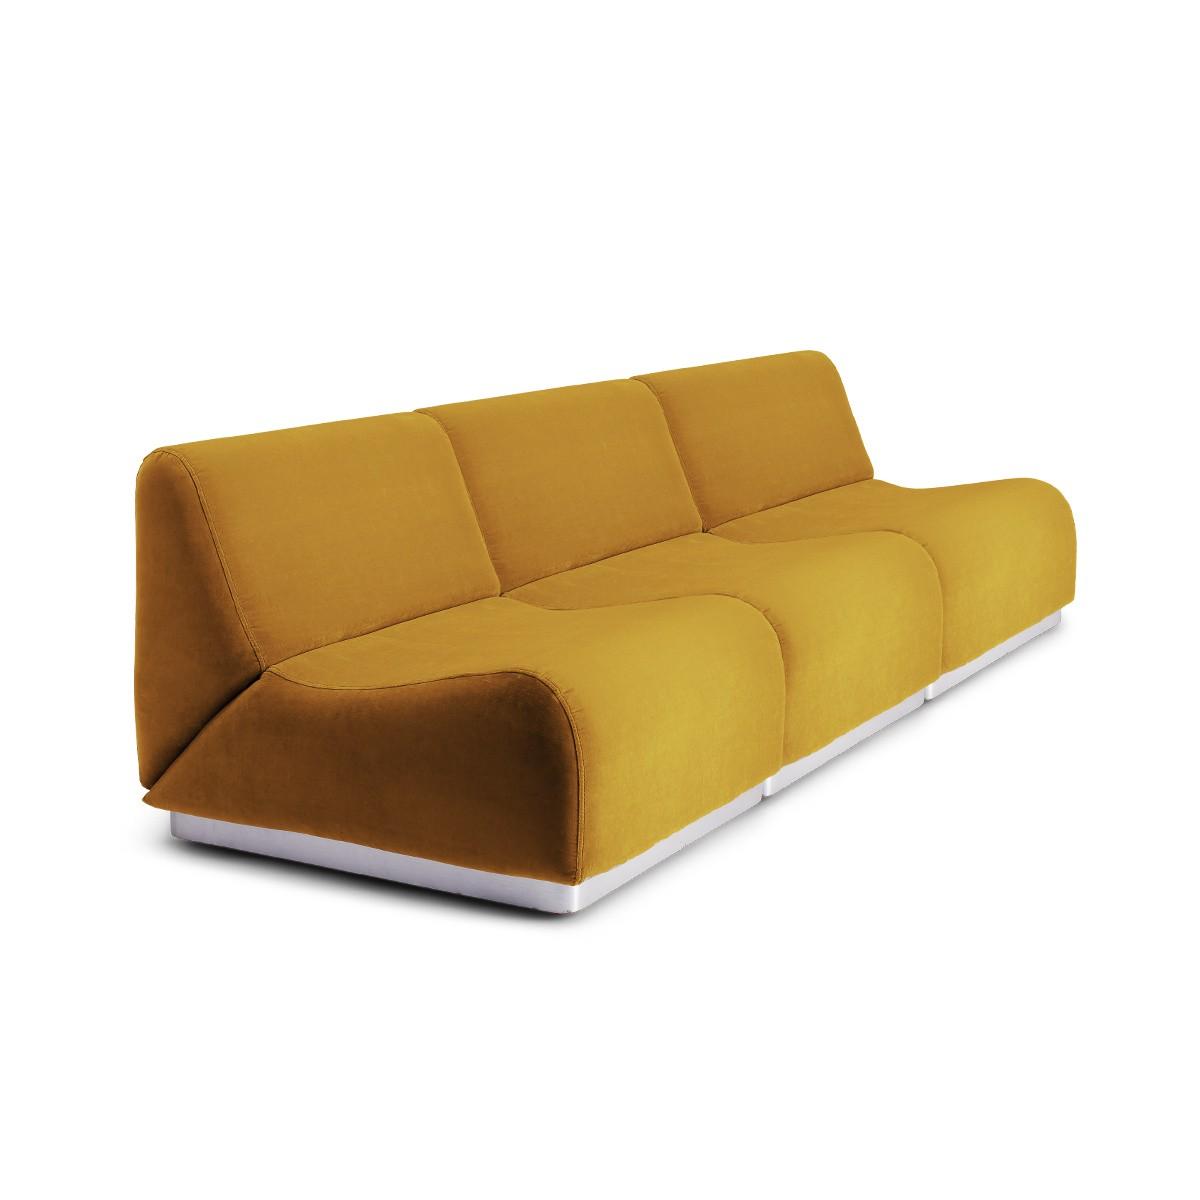 Canapé modulable Rotondo velours moutarde